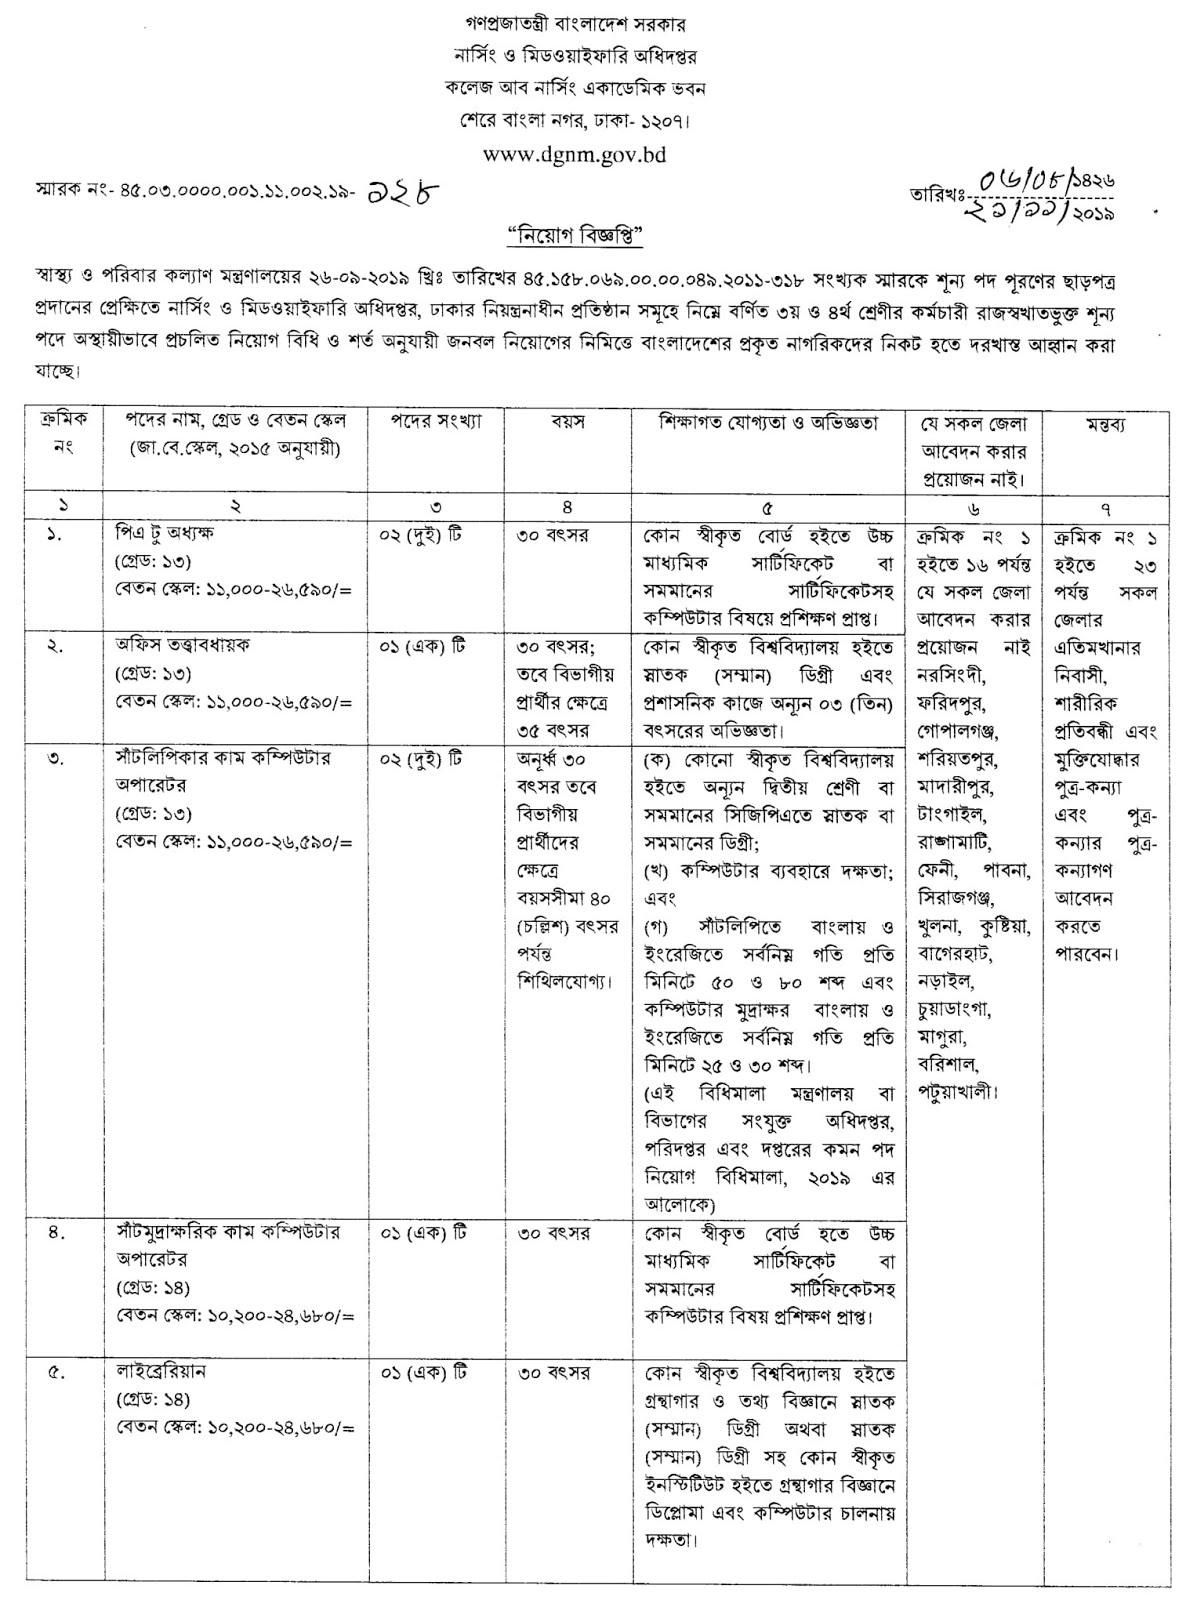 নার্সিং ও মিডওয়াইফারি অধিদপ্তর নিয়োগ বিজ্ঞপ্তি DGNM job circular 2019